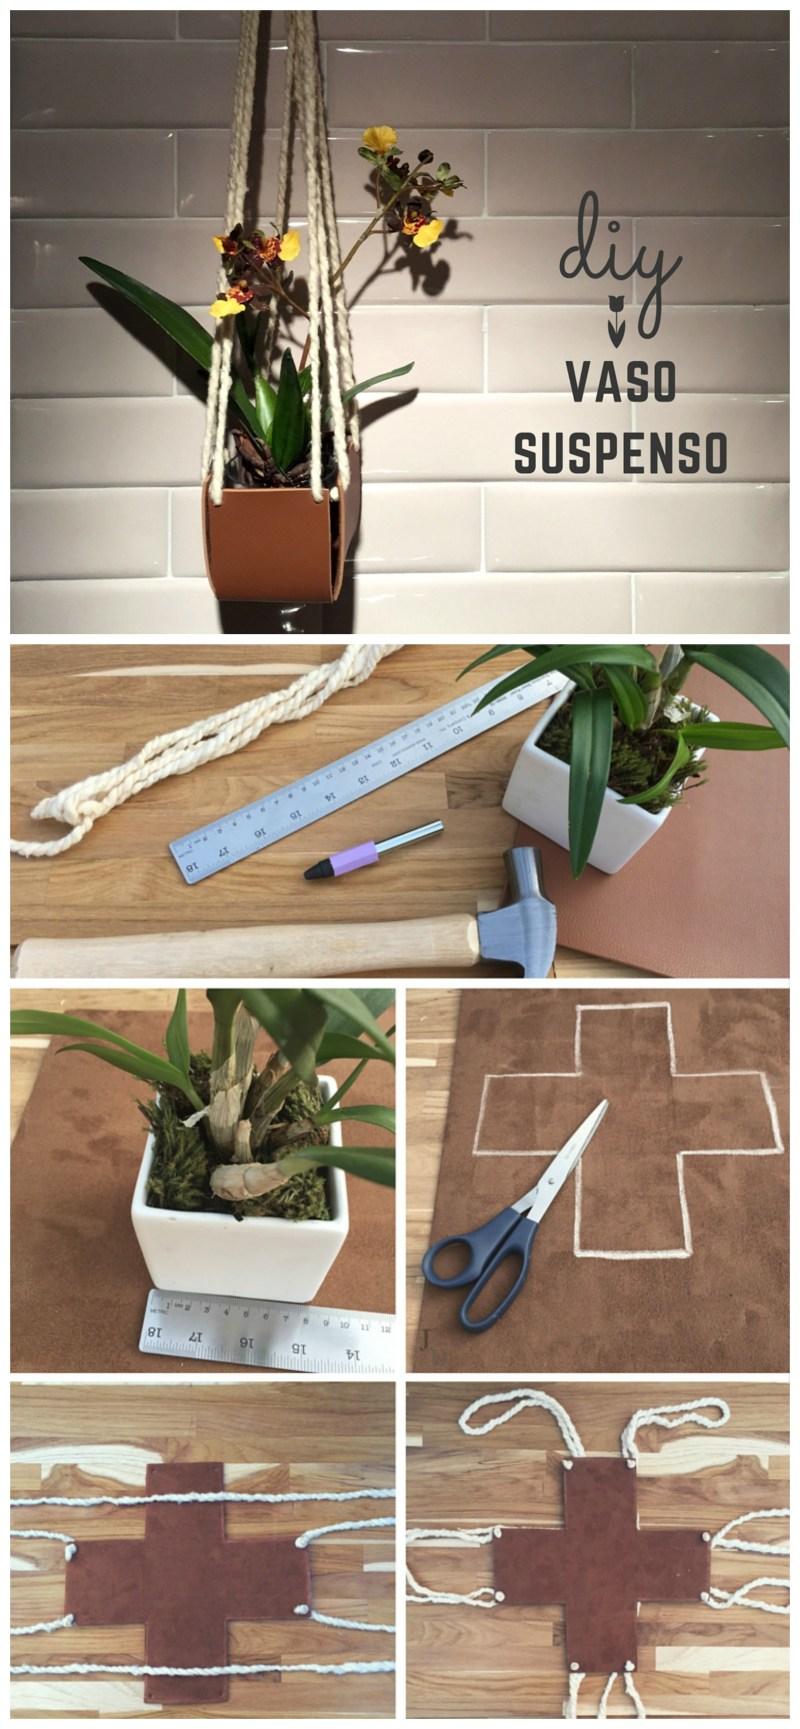 DIY - Vaso de Couro: Mais um post da série de DIY em couro. Neste você irá aprender a fazer um vaso suspenso com couro e fio de lã crú. Passo a passo simples e fácil.